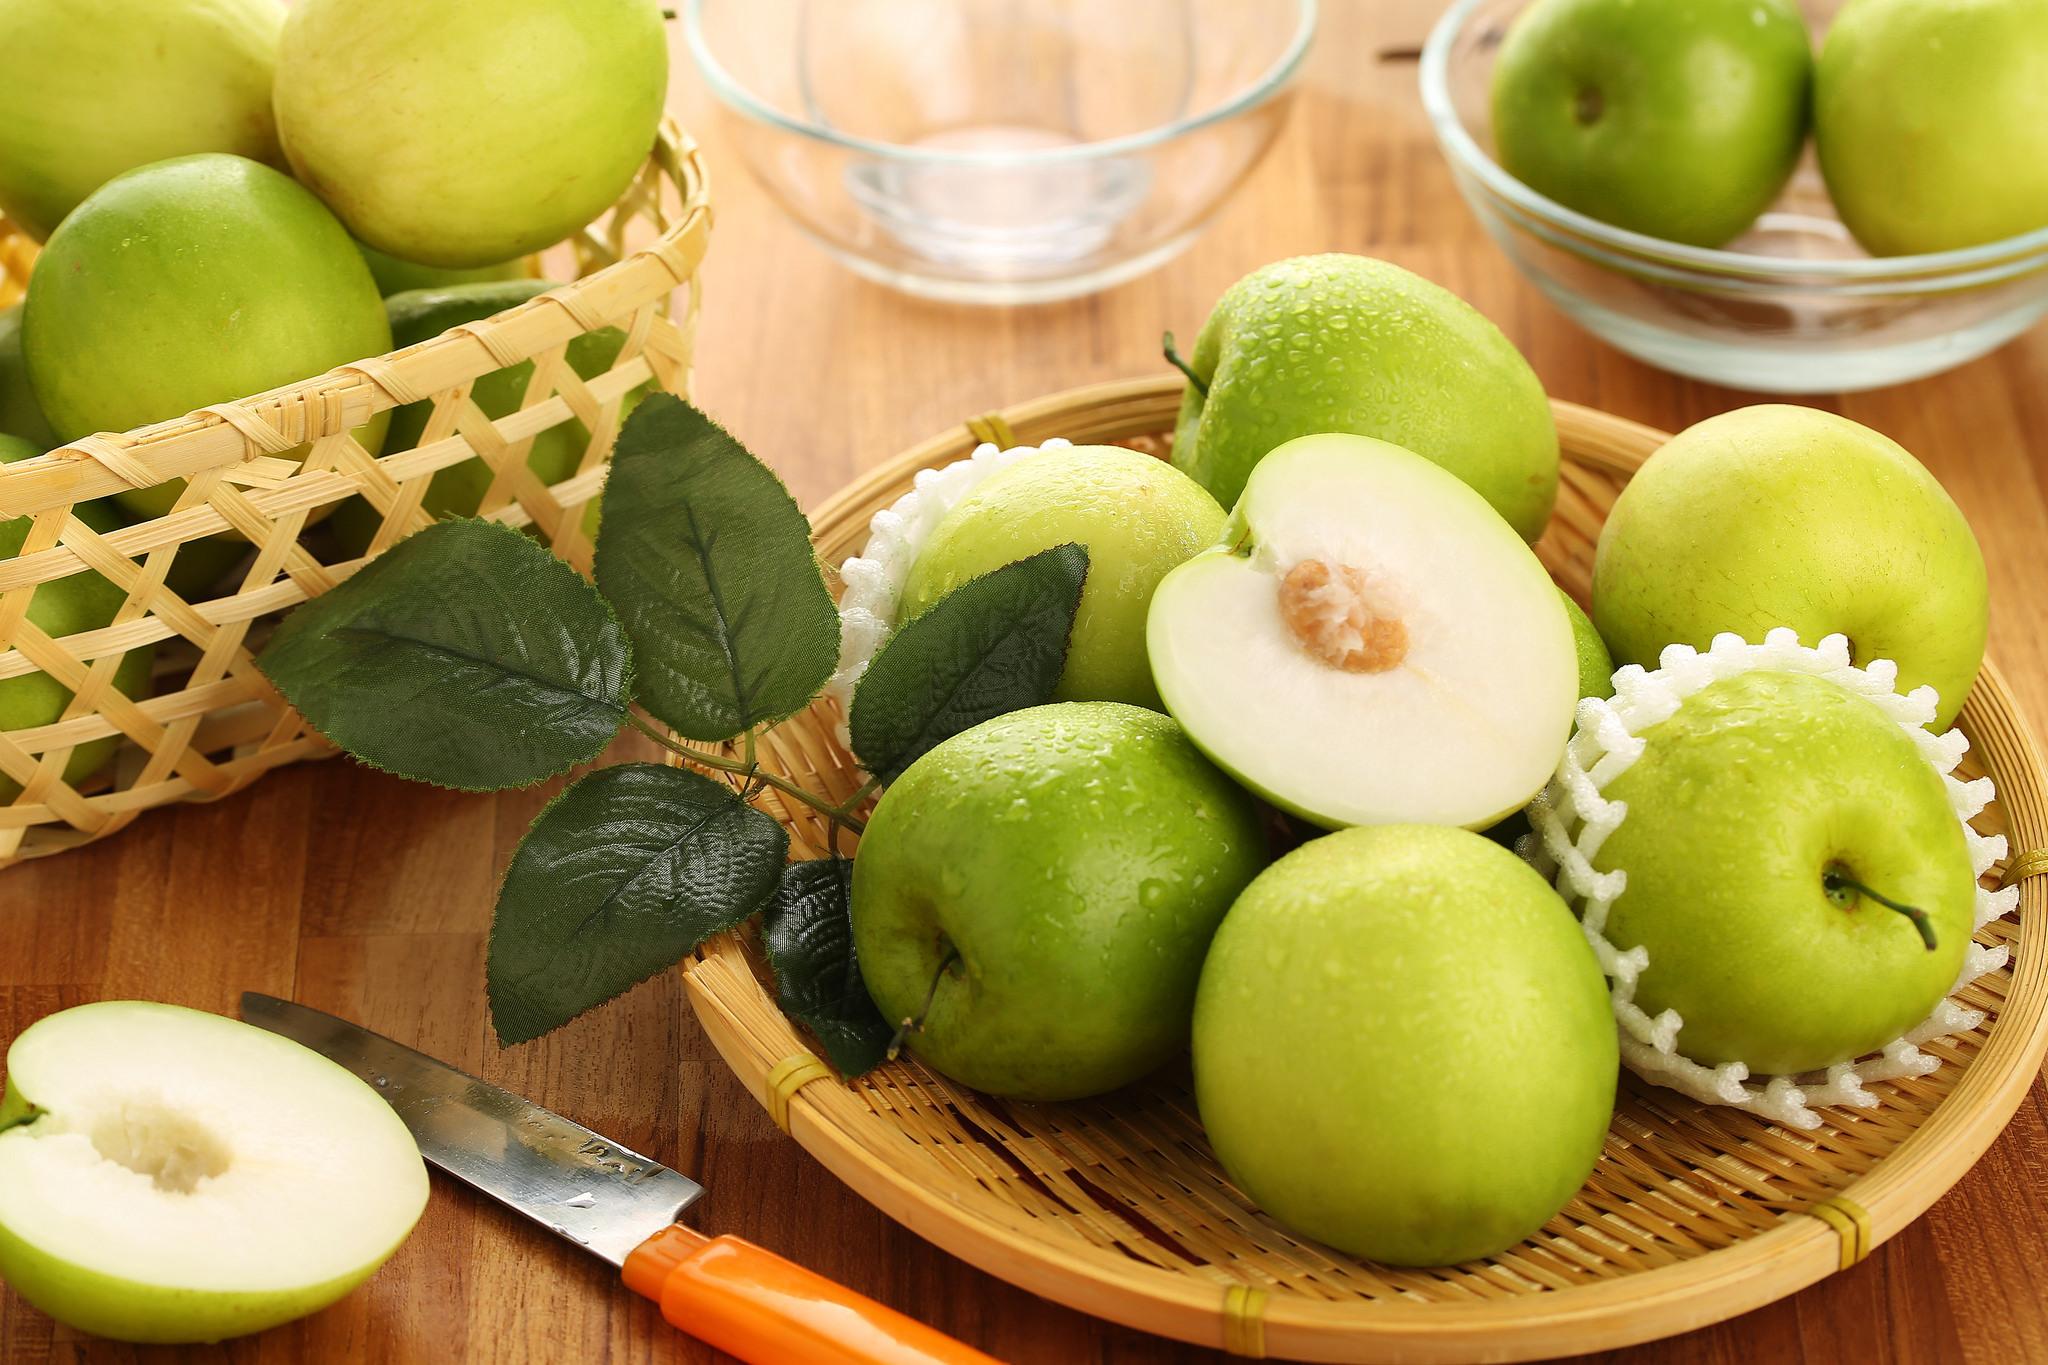 еда из яблок картинки для извлечения